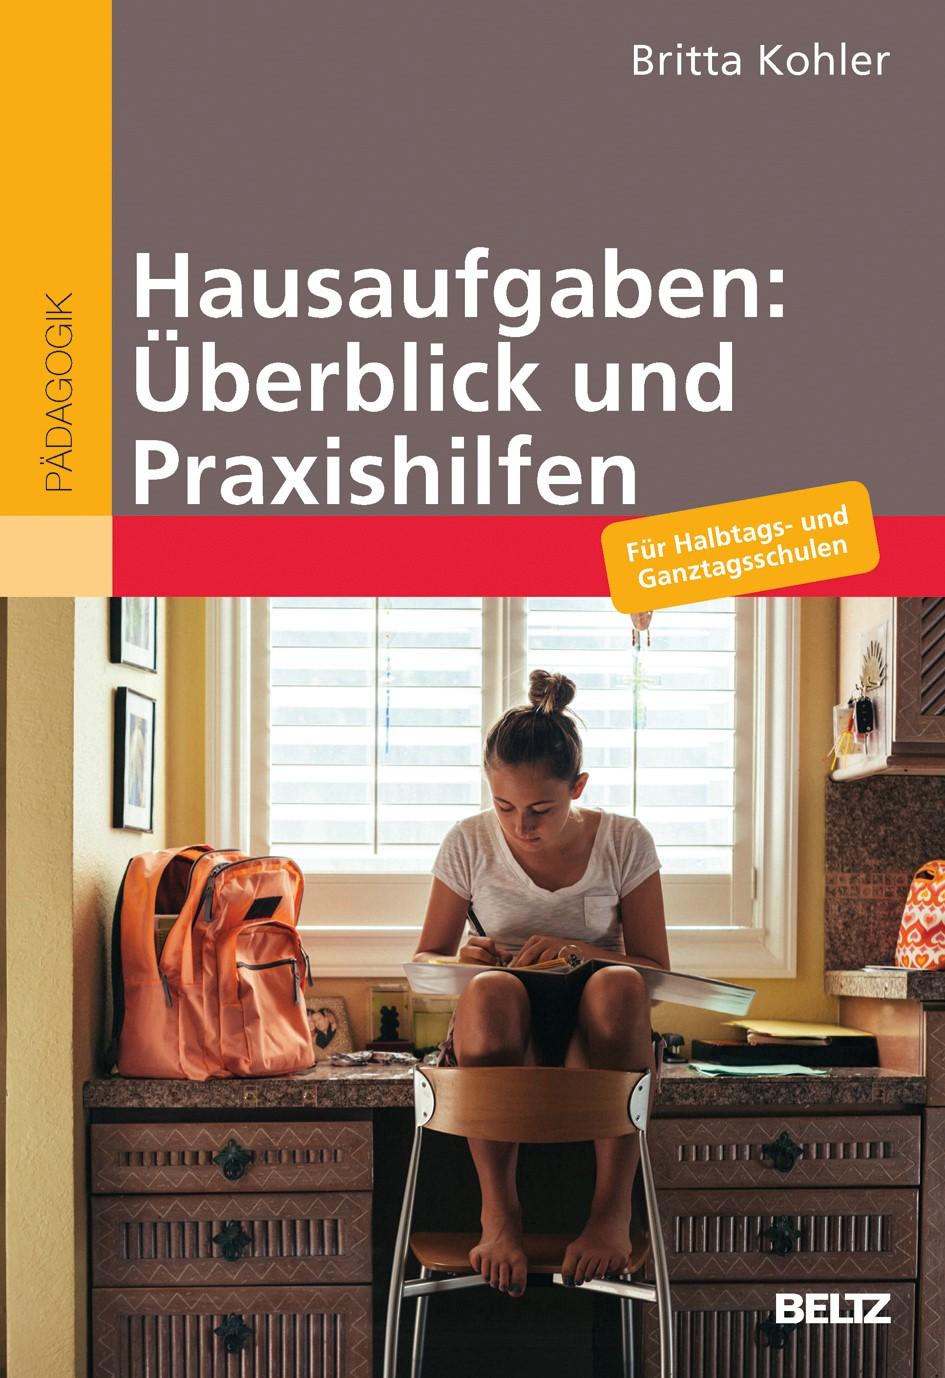 Hausaufgaben: Überblick und Praxishilfen   Kohler, 2017   Buch (Cover)